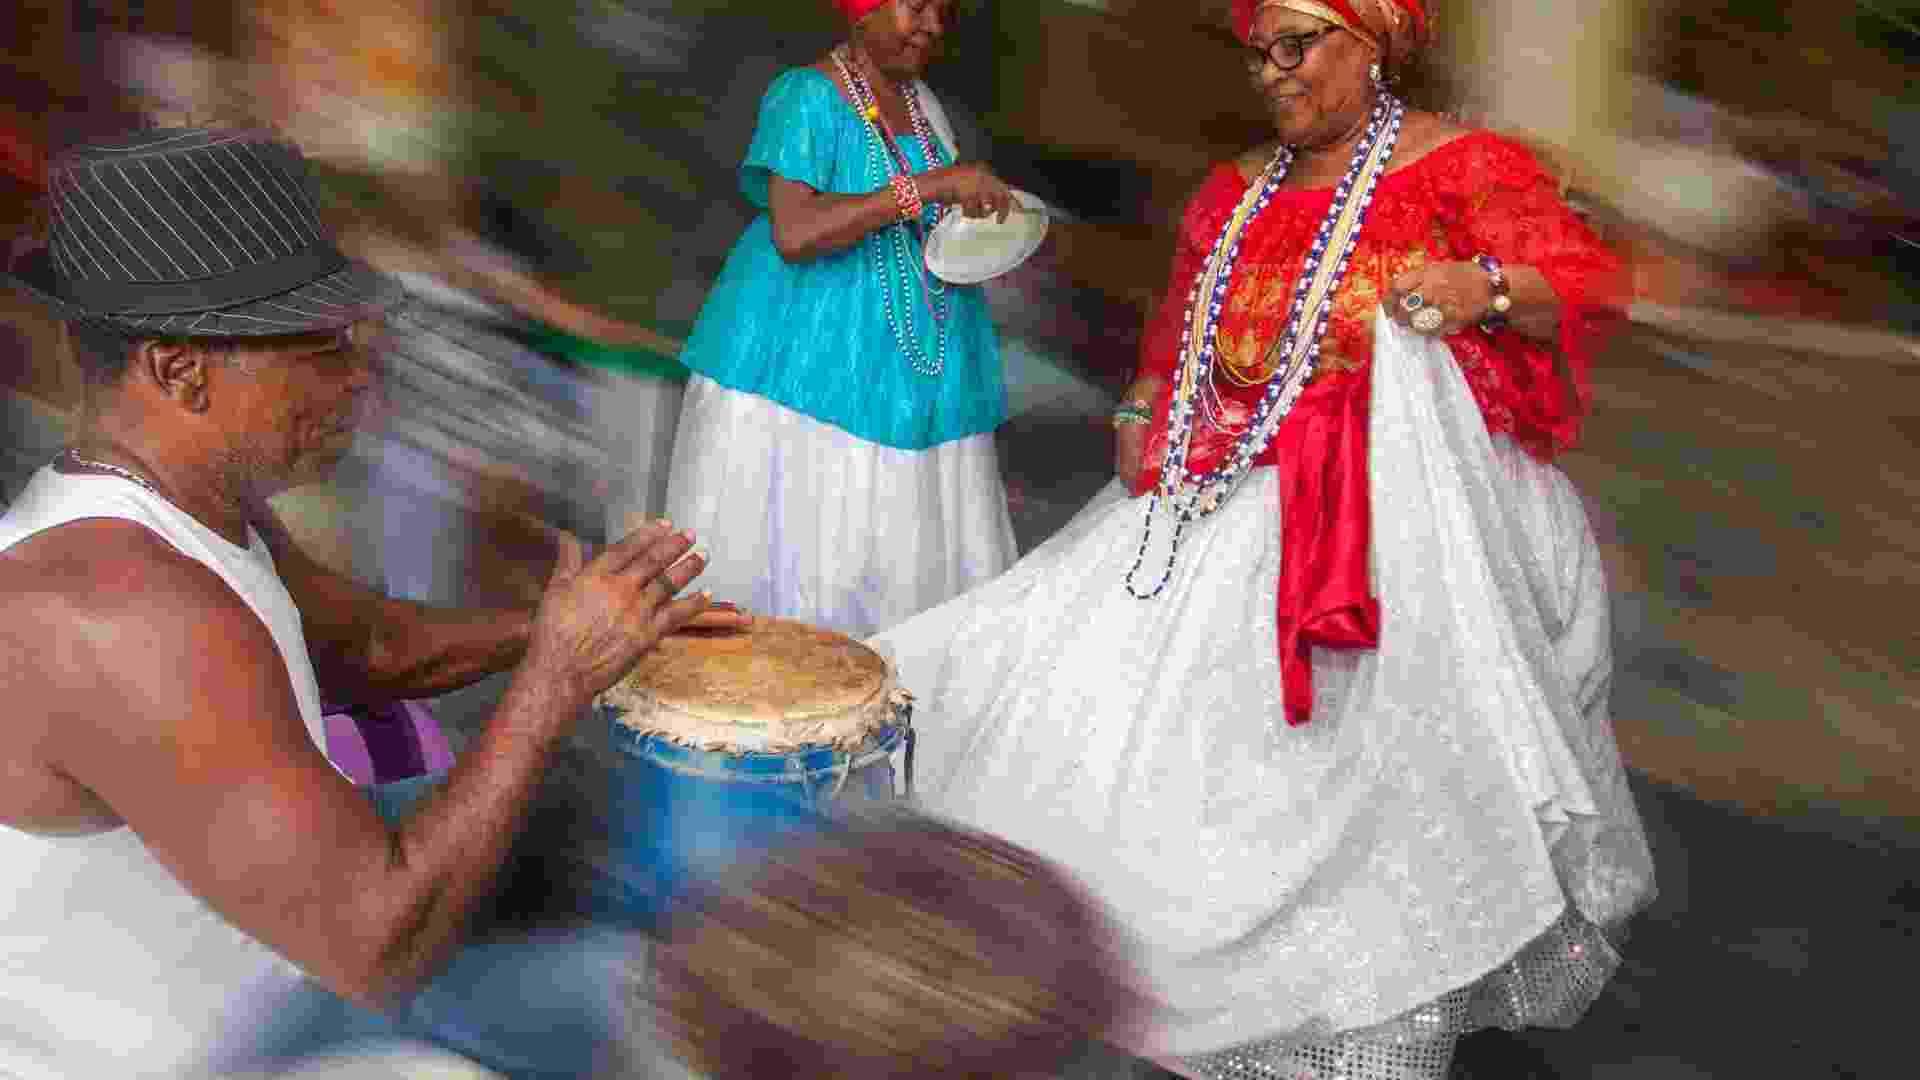 Da esquerda para a direita, o percussionista Mário Peres, as baianas Raimunda Nonata de Souza e Zélia Maria Paiva Souza aquecem os batuques e passos para mais uma apresentação com o Samba Chula de São Braz - Dario Guimarães Neto/BOL